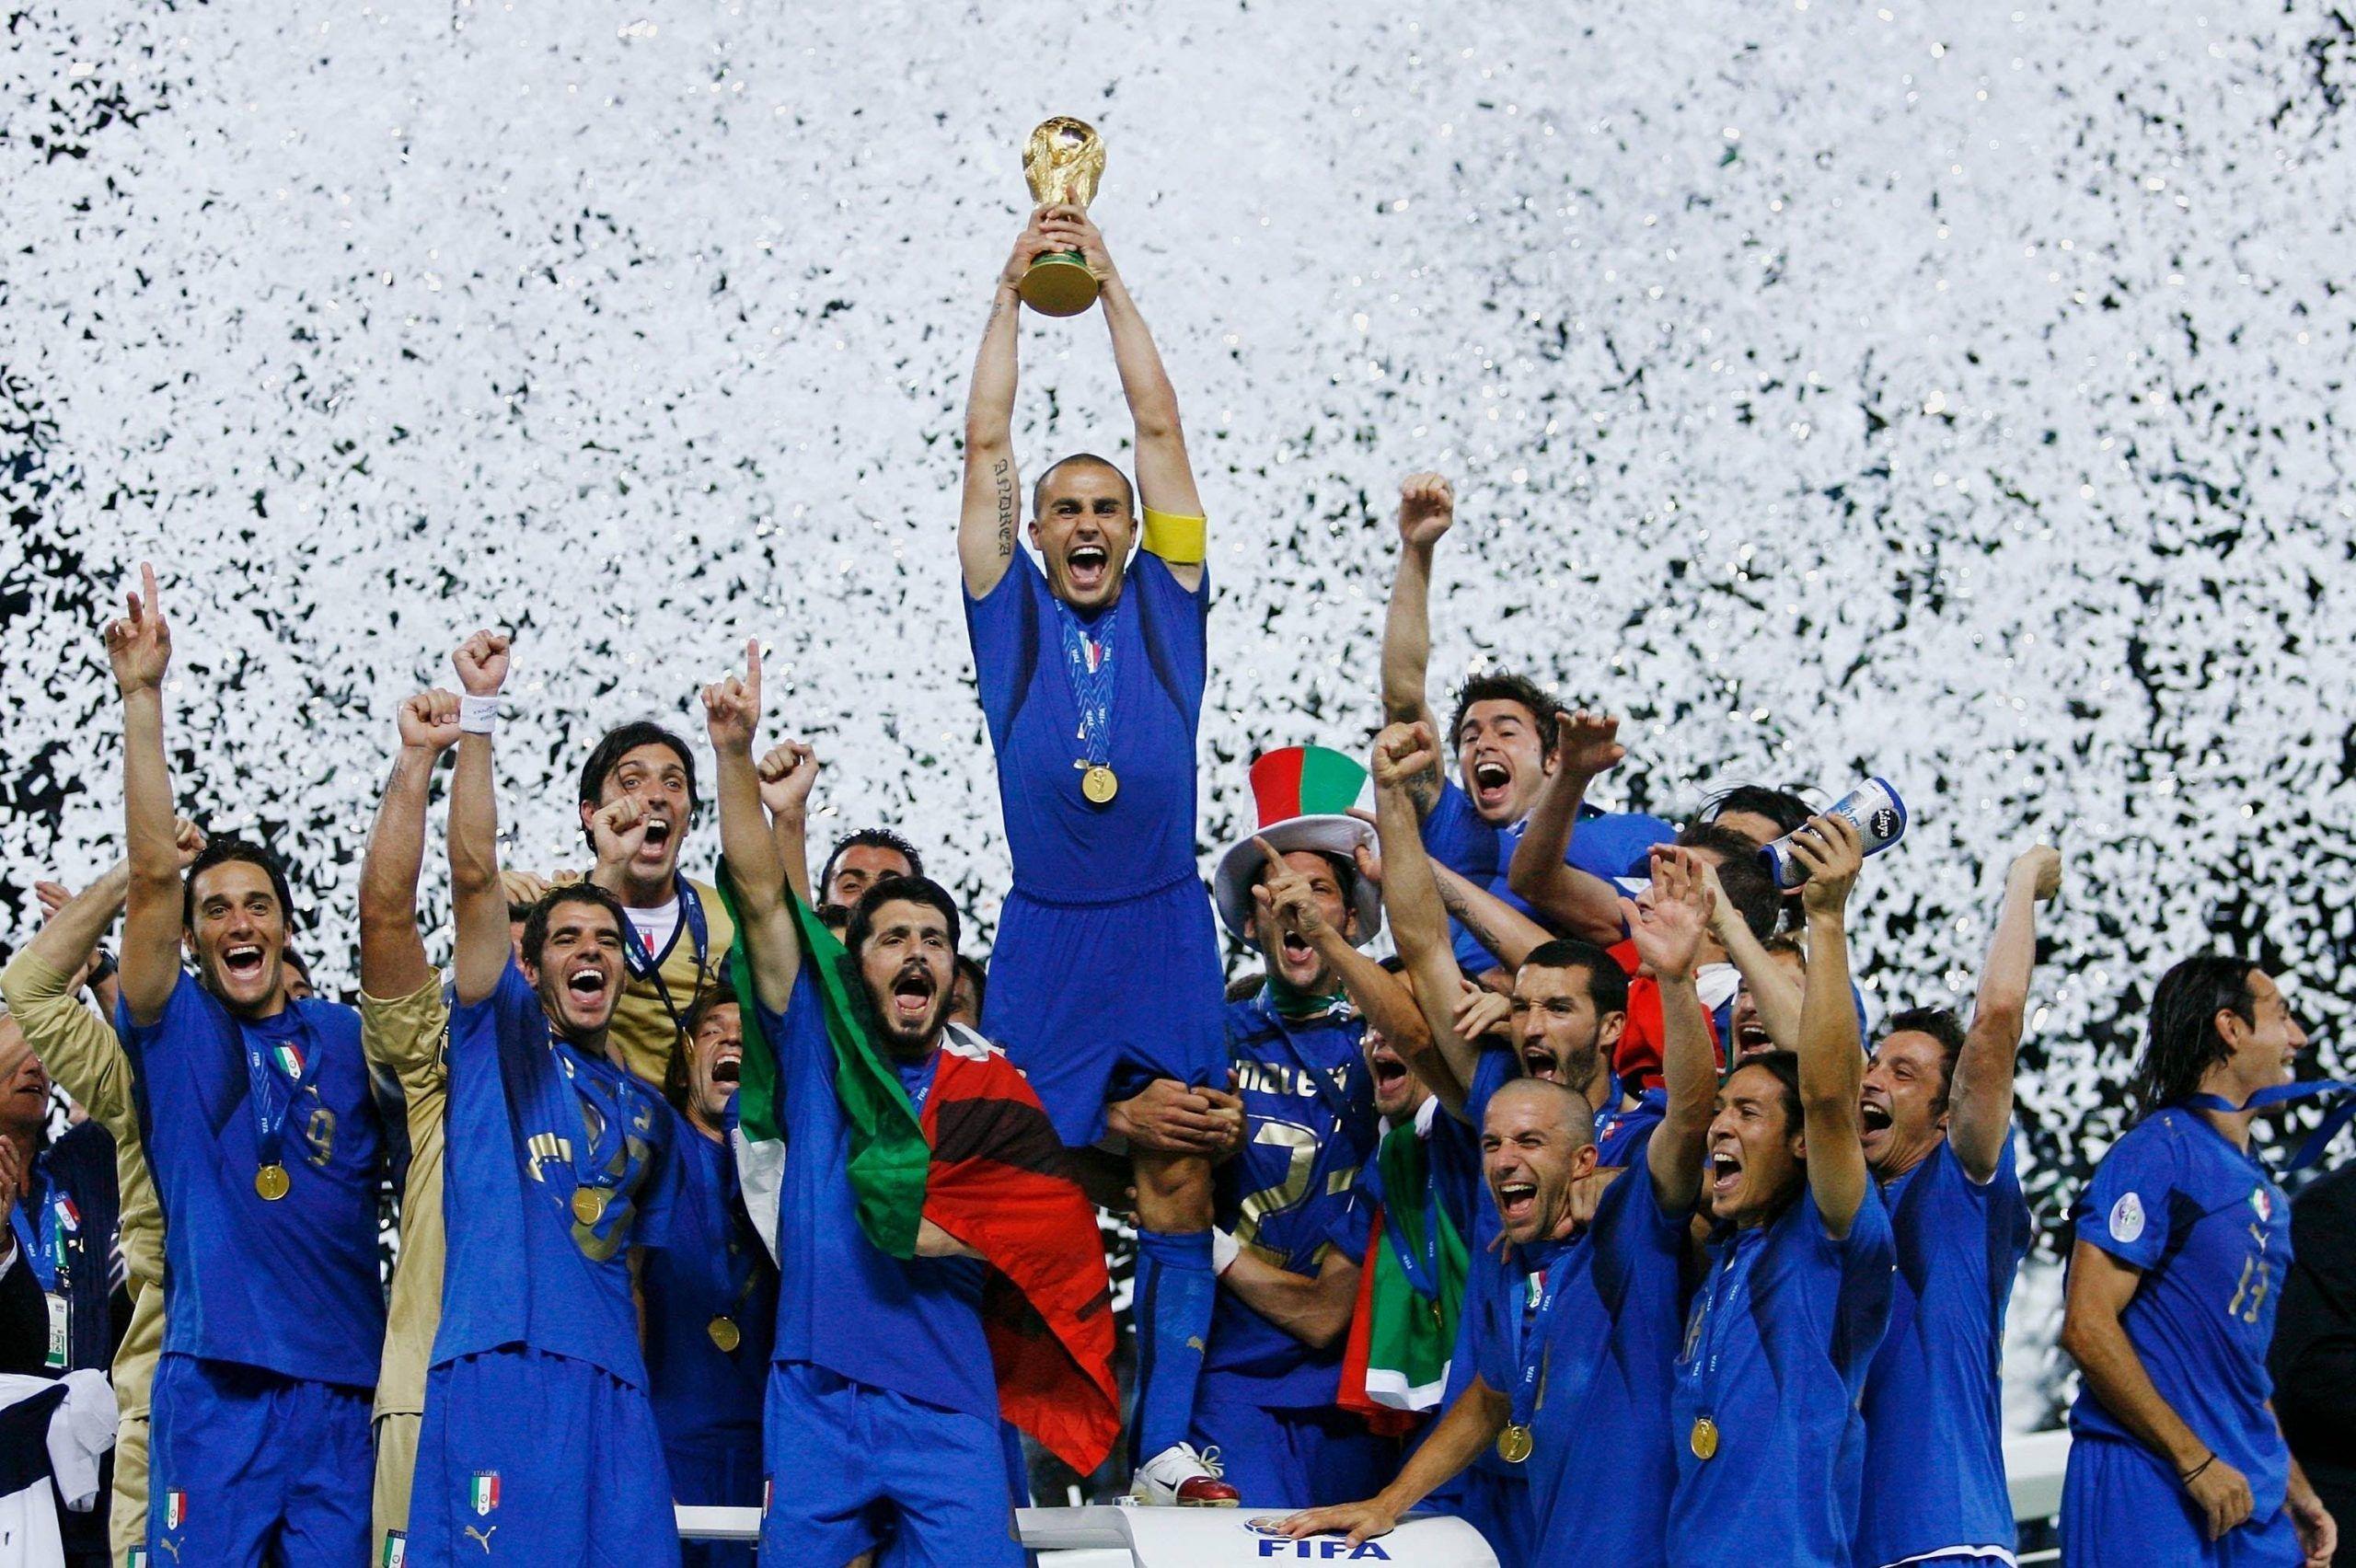 9 luglio, 10 anni fa l'Italia era campione del Mondo